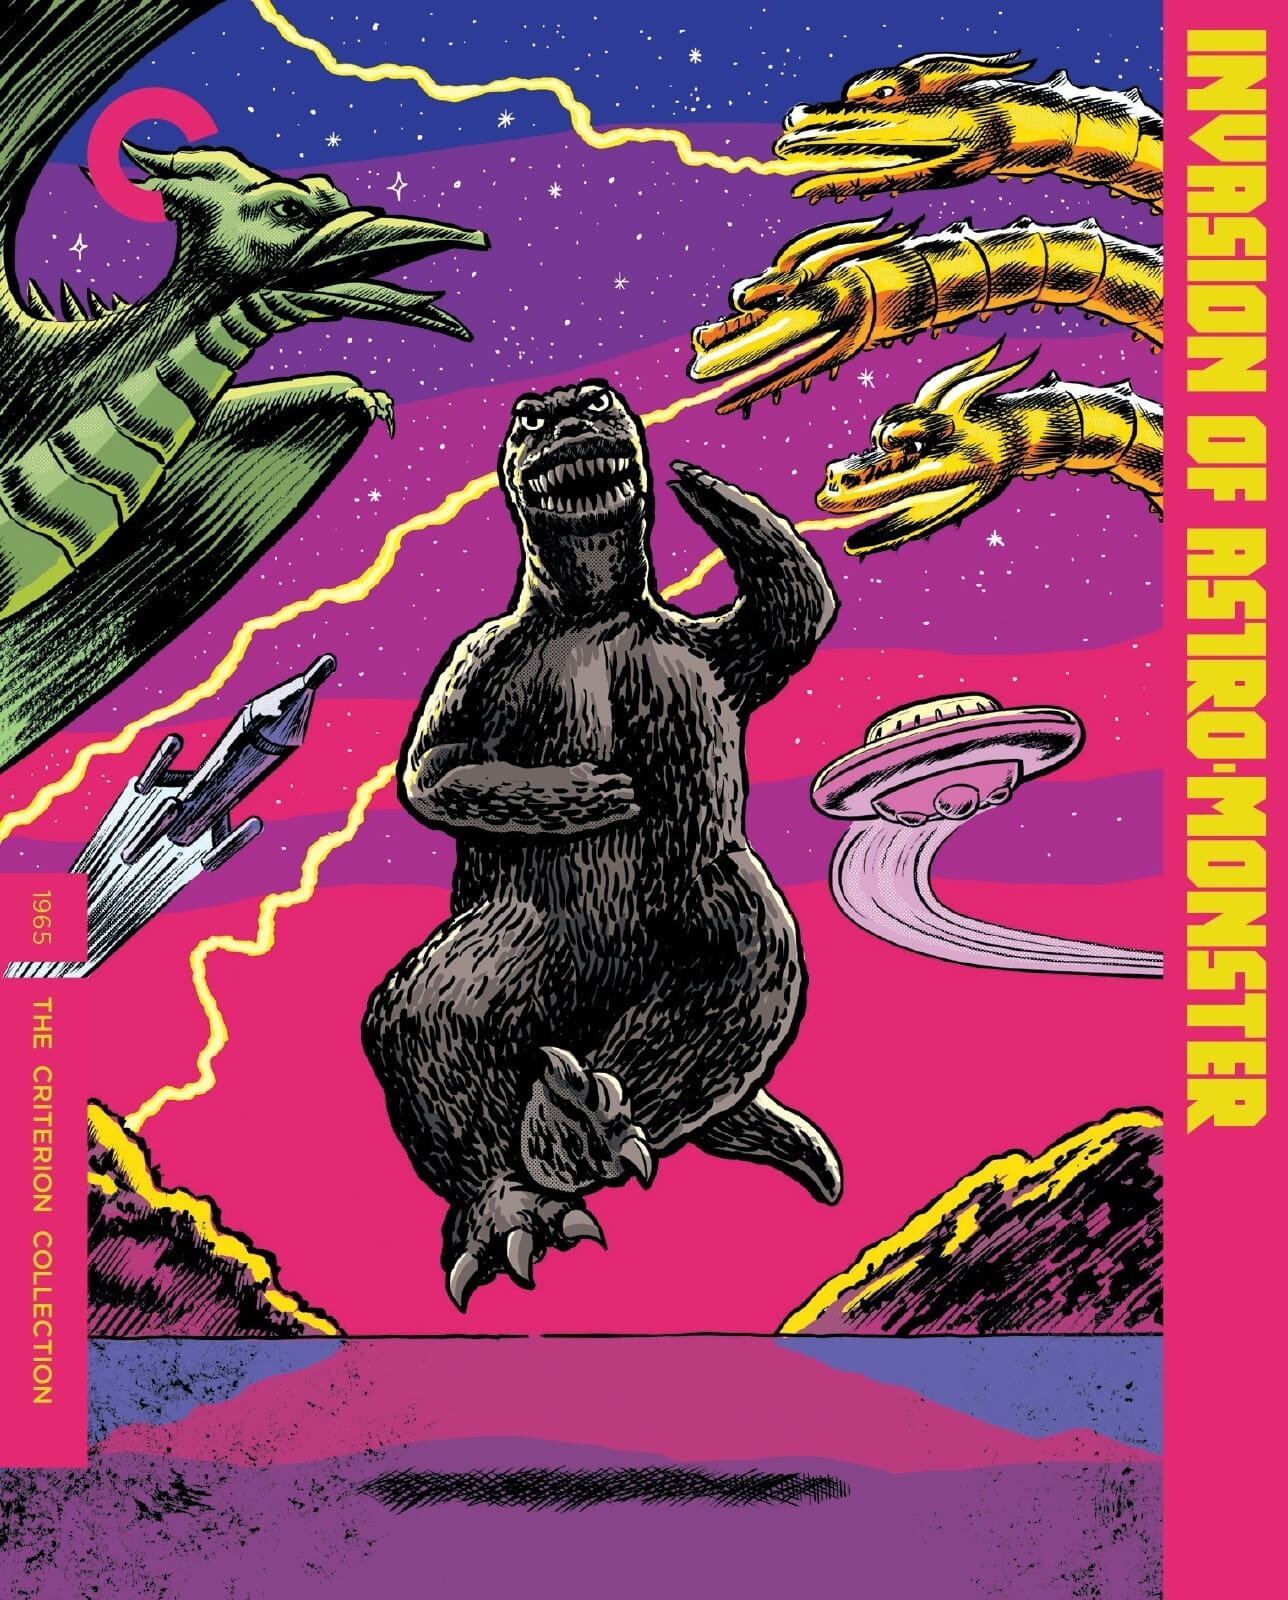 Invasion of Astro Monster (1965)-2.jpg